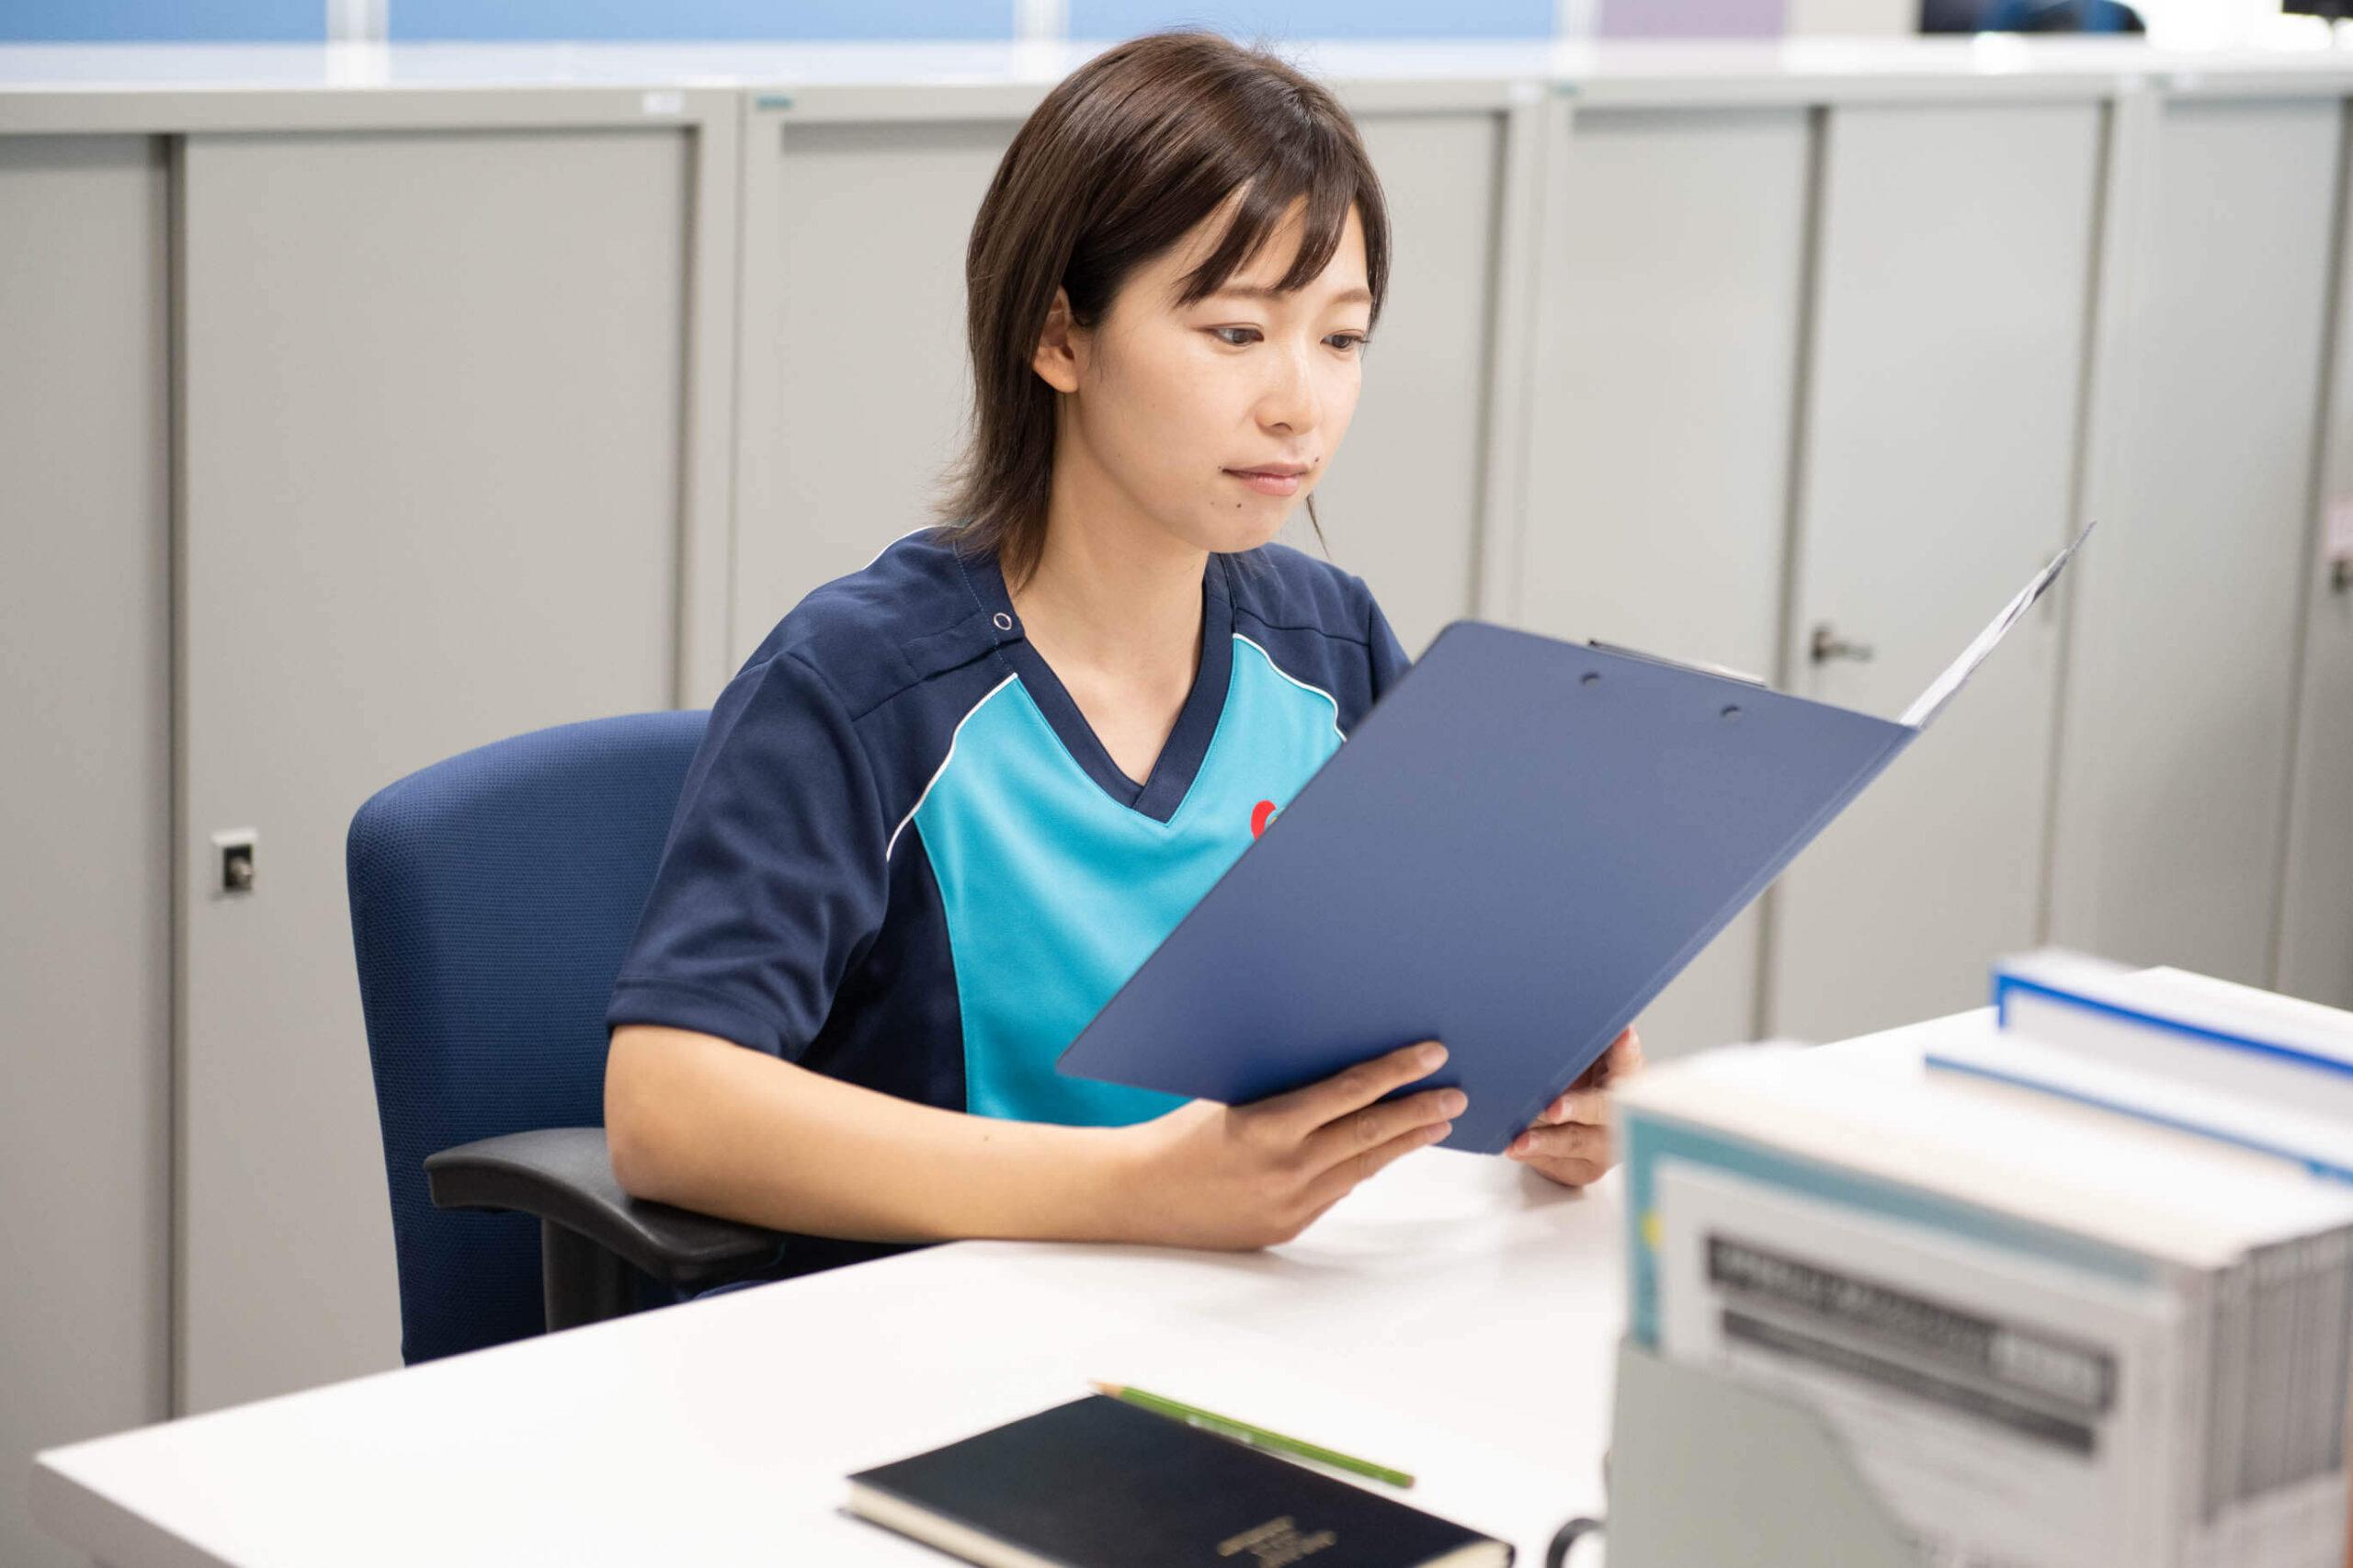 アサヒサンクリーンの女性社員がファイルに挟んである書類に目を通している写真